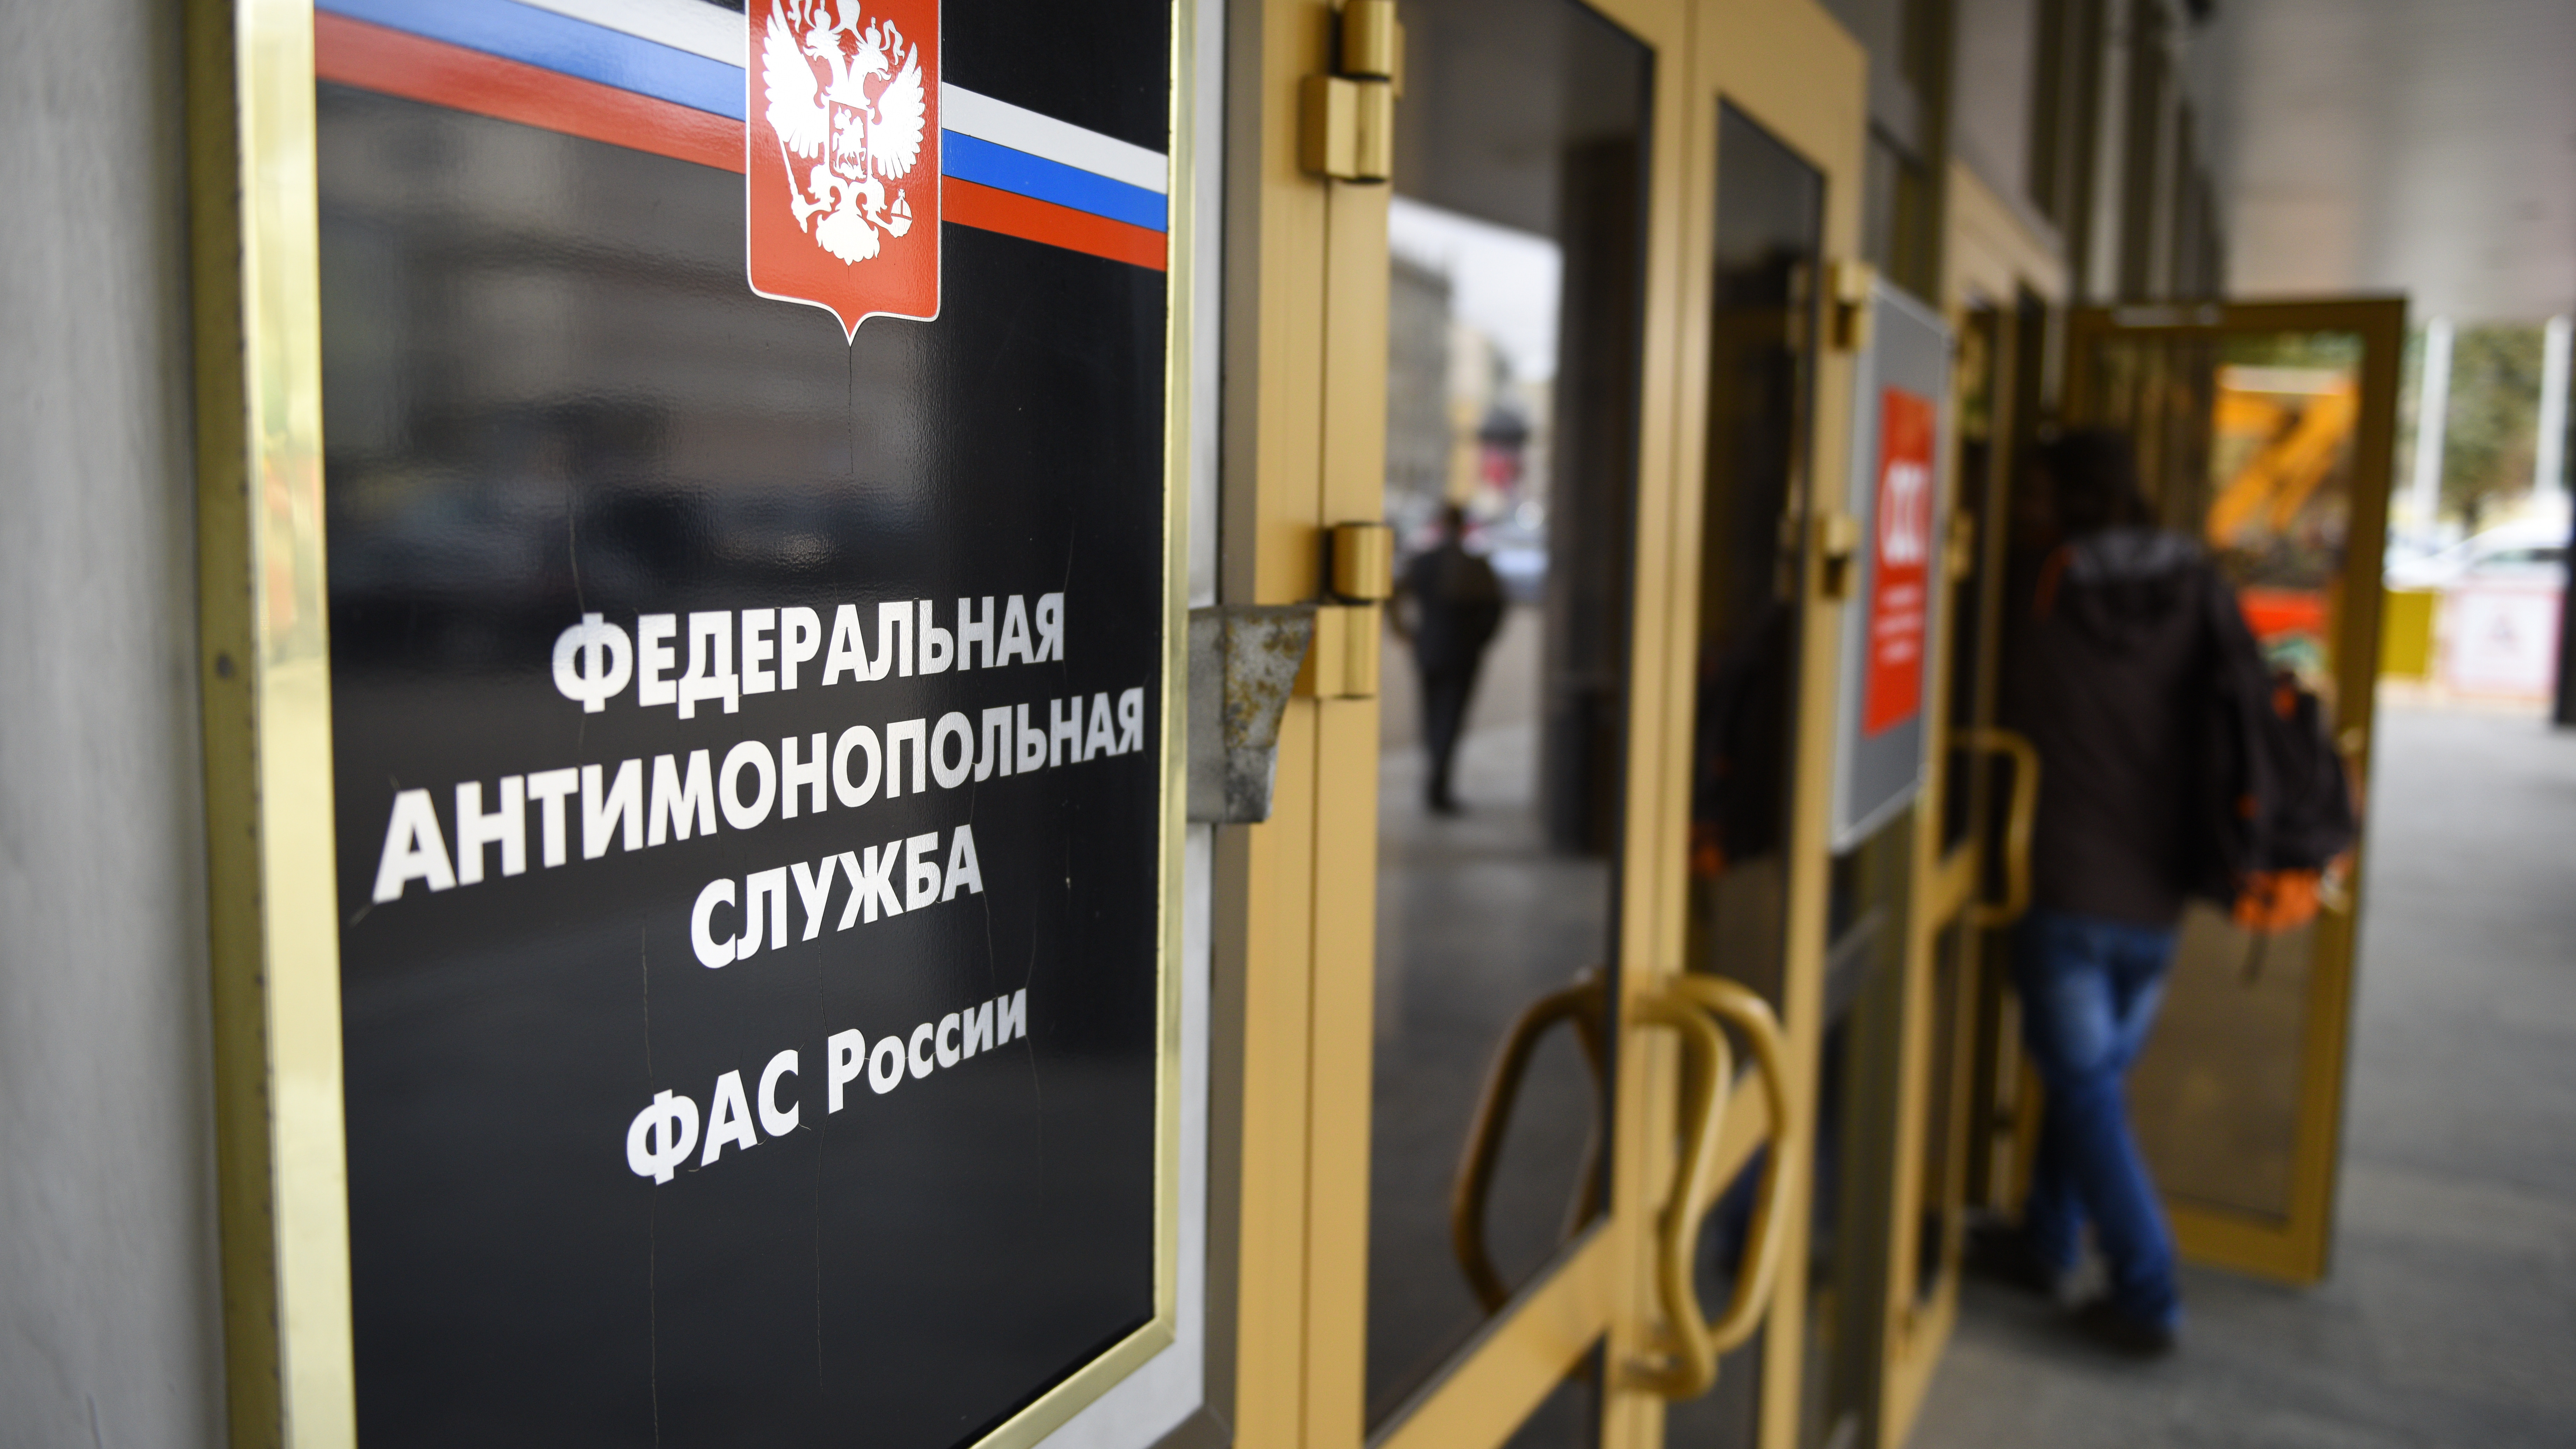 Подмосковное УФАС внесет ООО «Империя» в реестр недобросовестных поставщиков